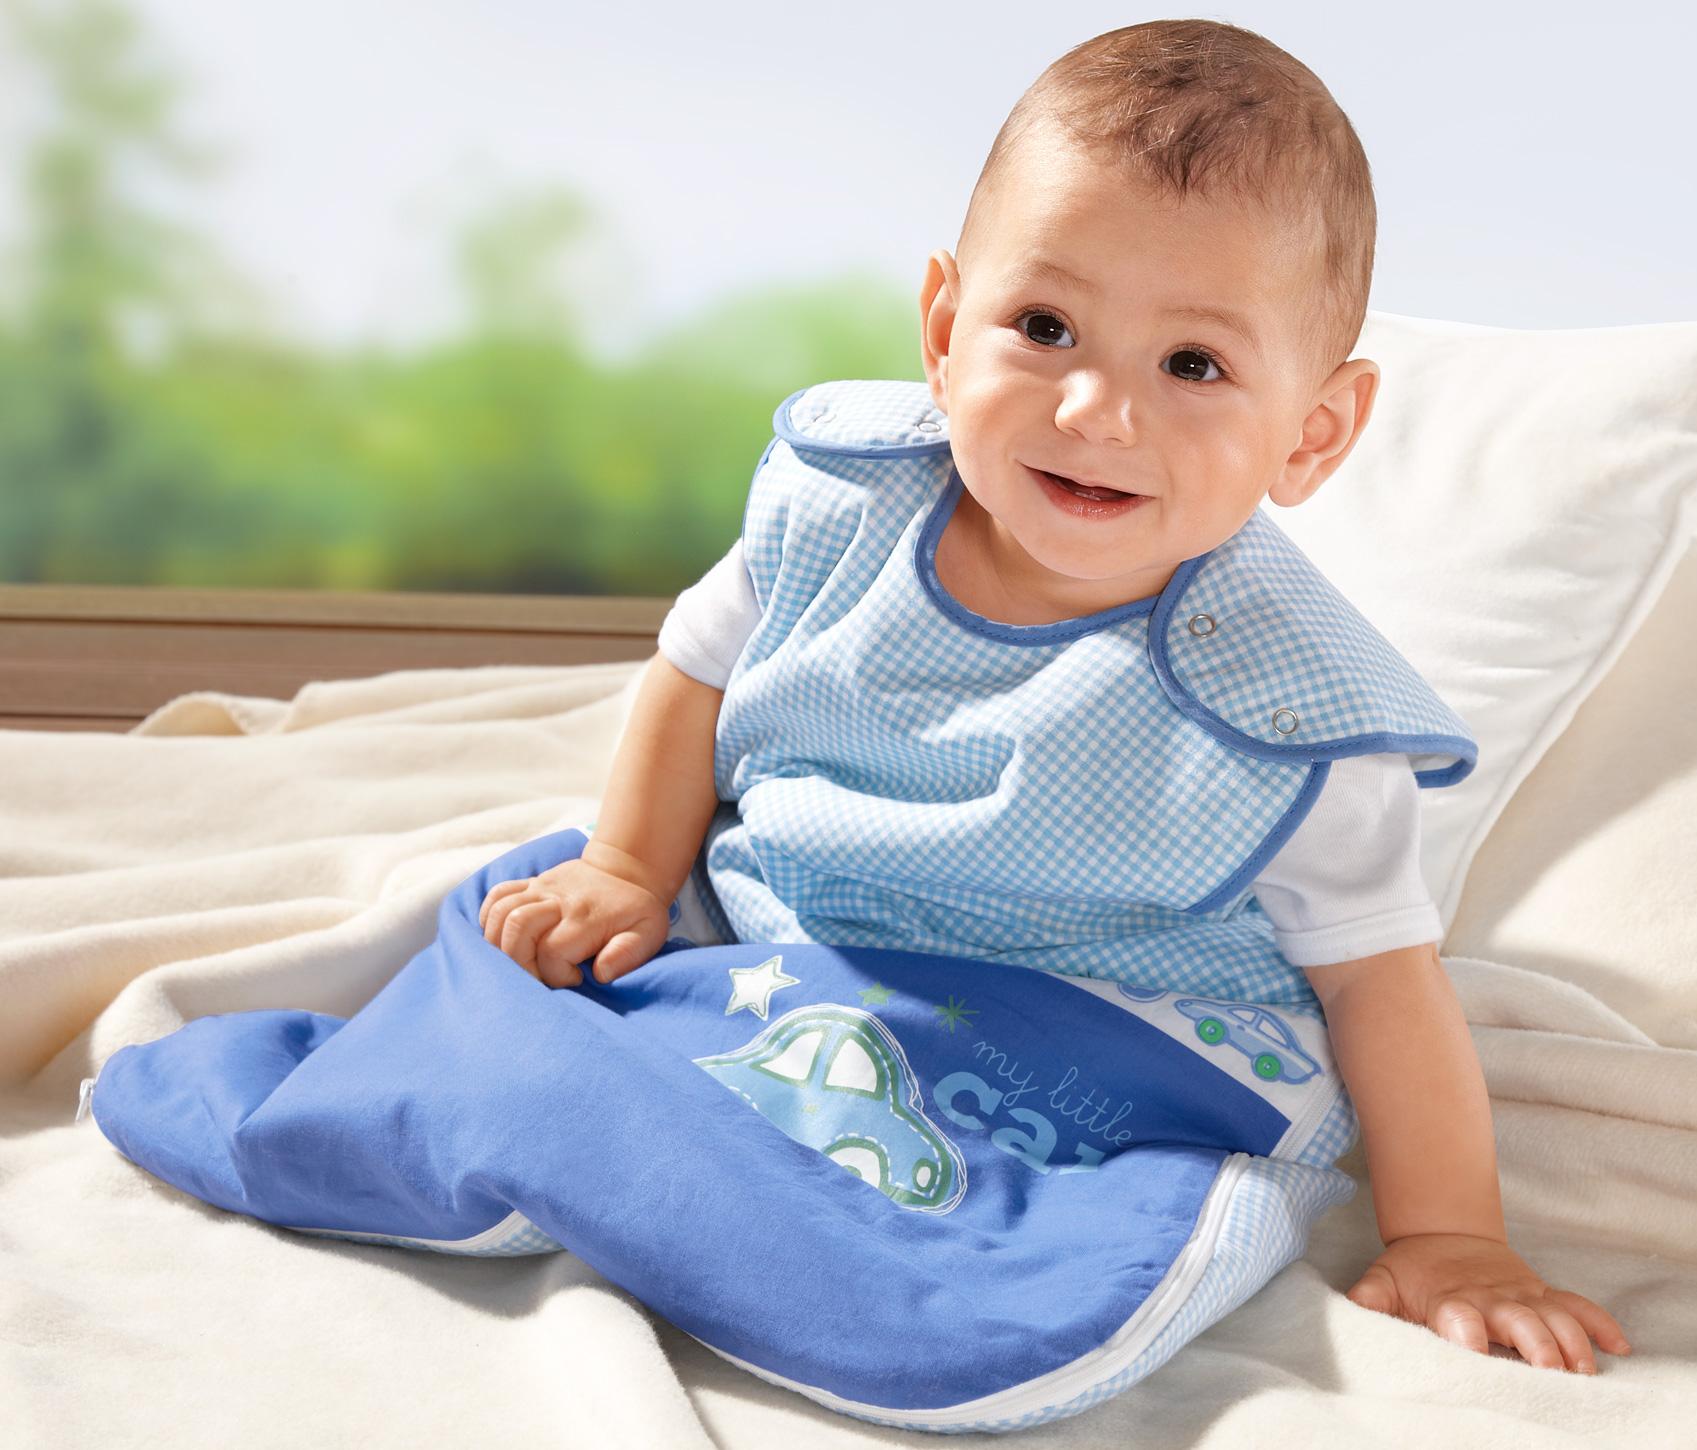 babyschlafsack worauf man achten sollte. Black Bedroom Furniture Sets. Home Design Ideas